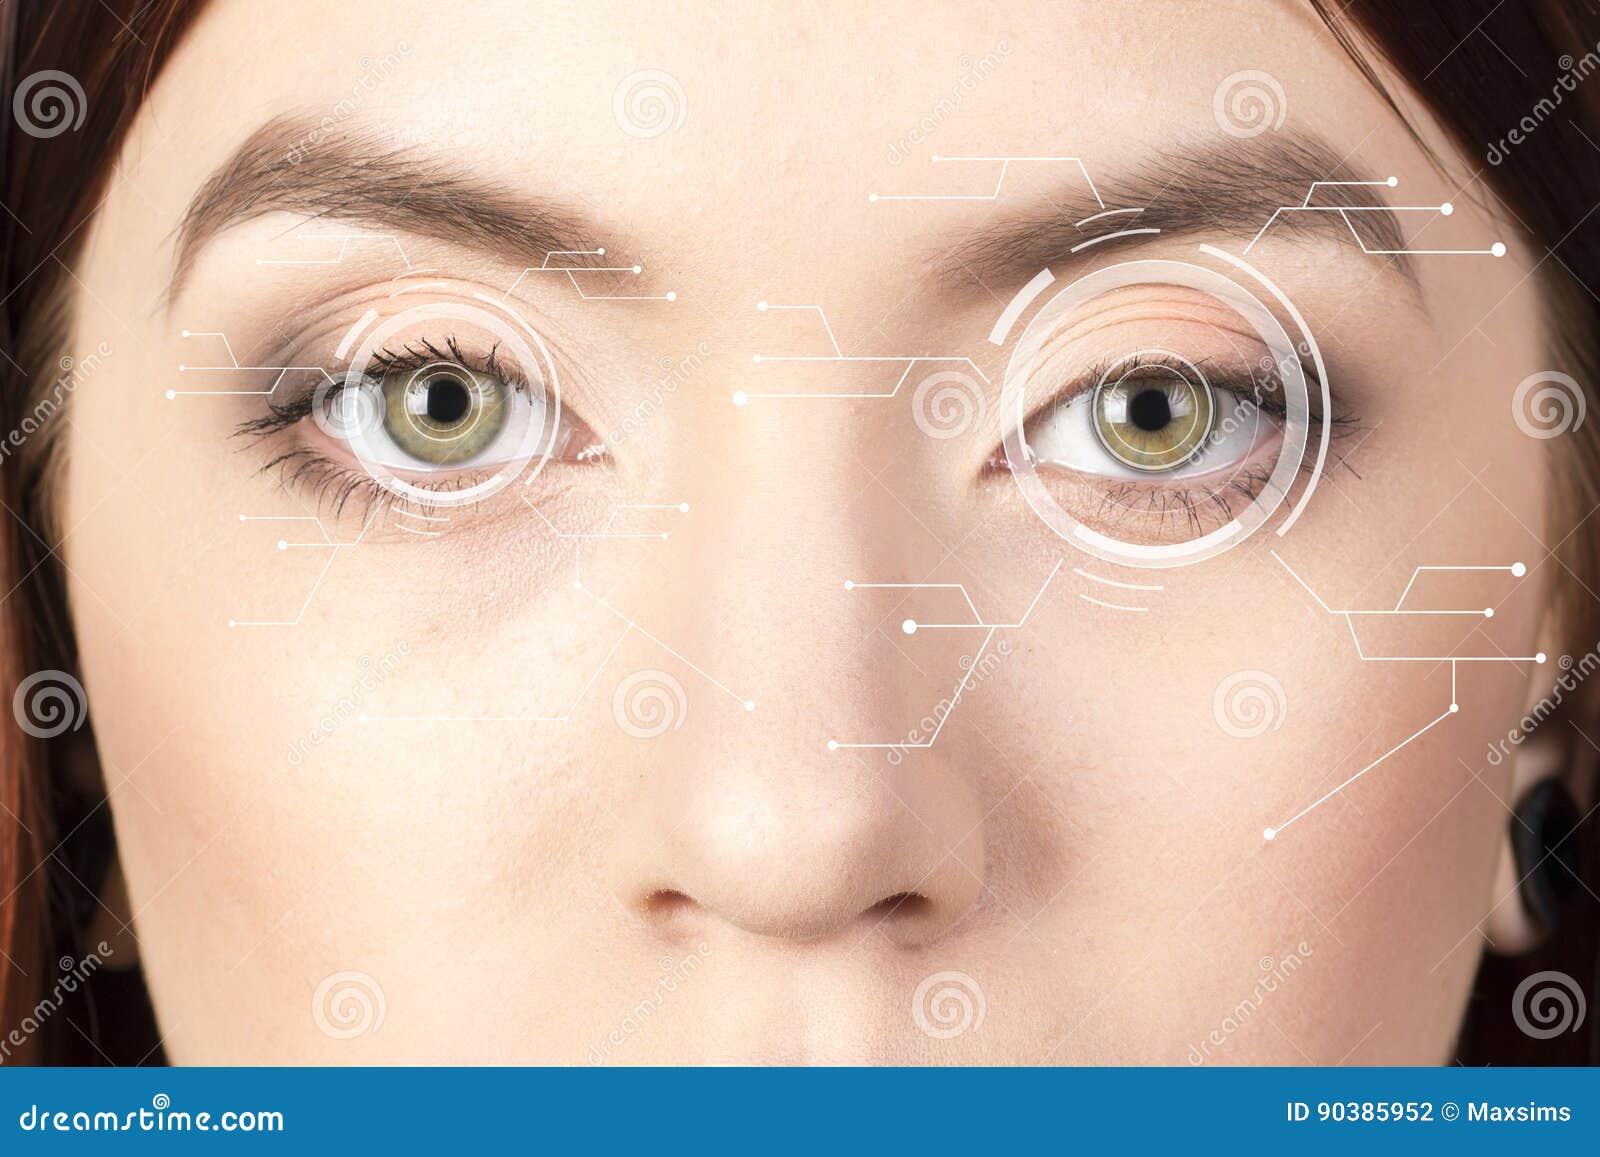 Iride di sicurezza o analizzatore della retina che è usando su un macro occhio umano intenso, con la tavolozza limitata